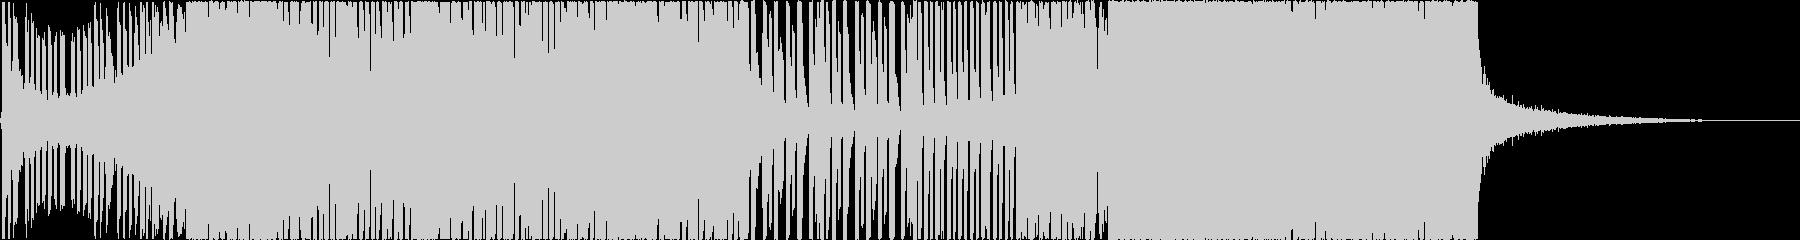 ポップでキラキラしたEDM、映像等にの未再生の波形